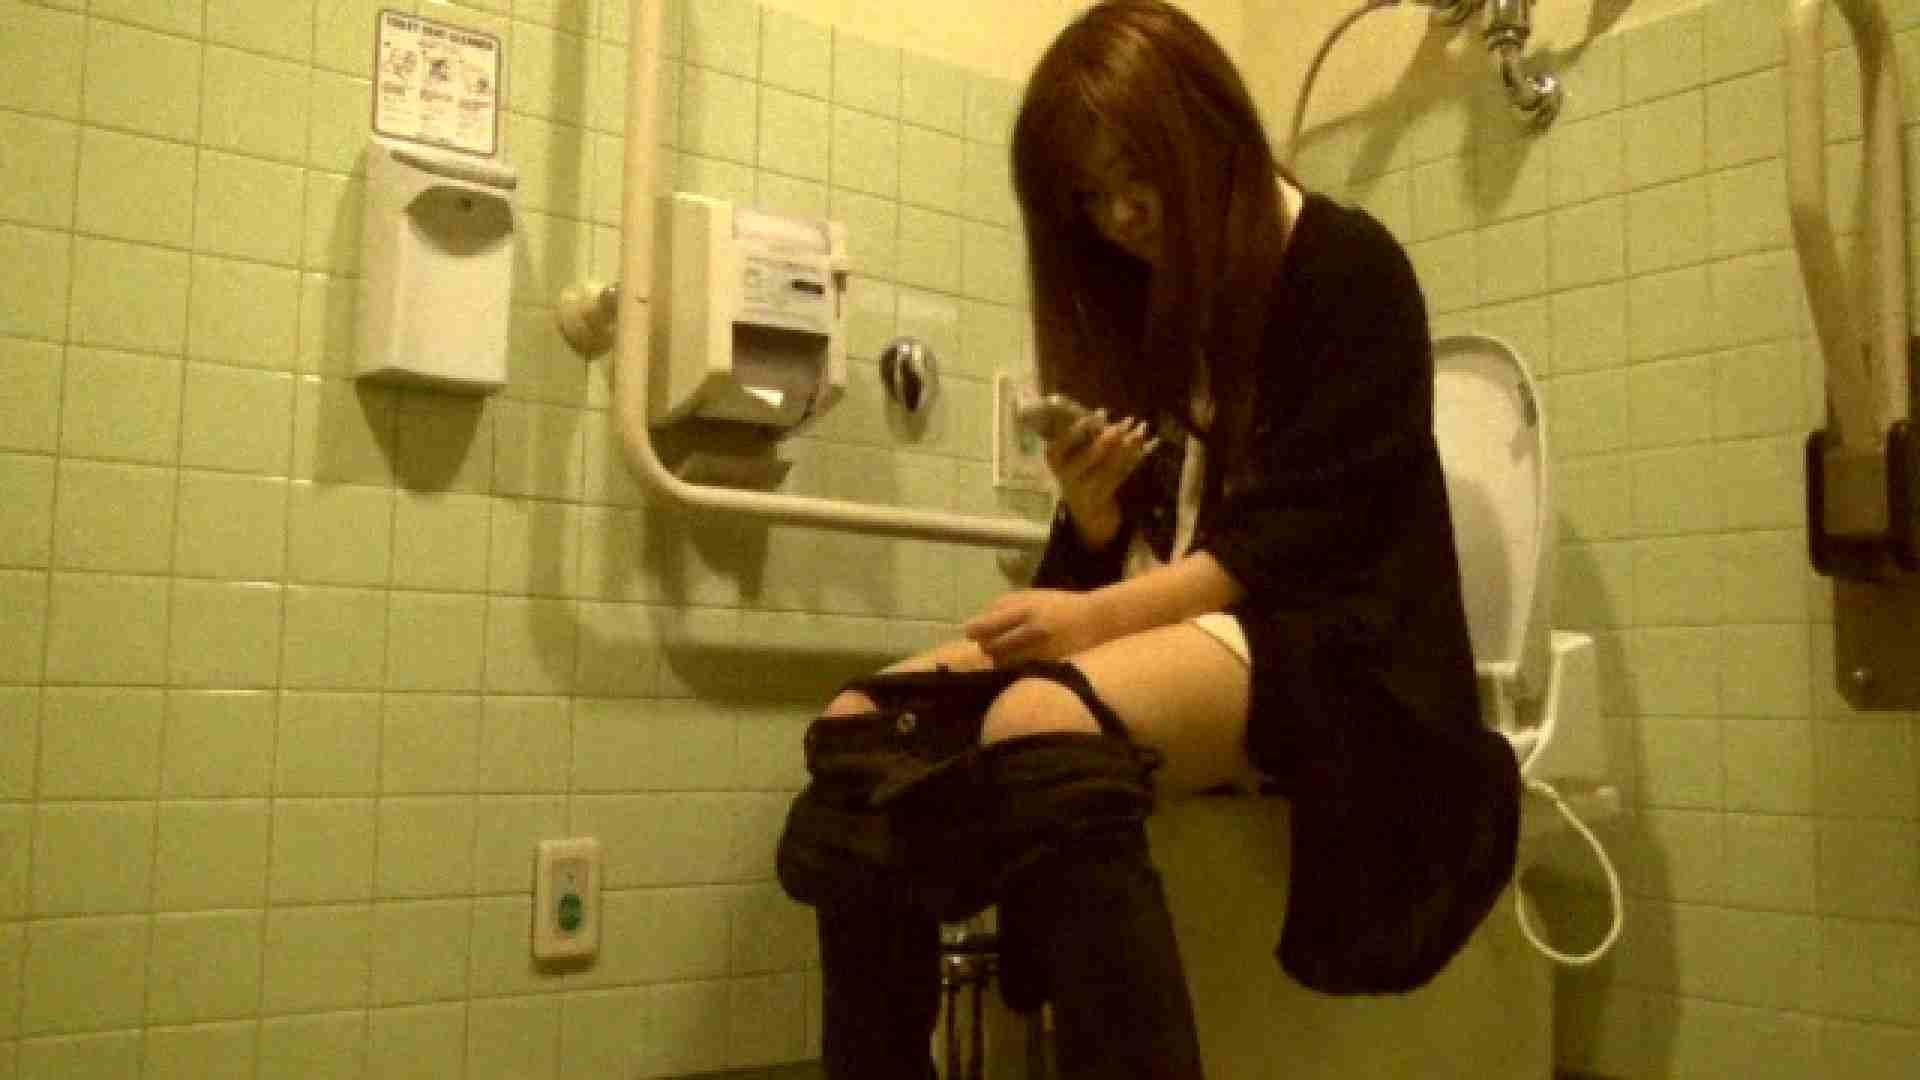 魔術師の お・も・て・な・し vol.26 19歳のバーの店員さんの洗面所をしばし… 美しいOLの裸体  73pic 54